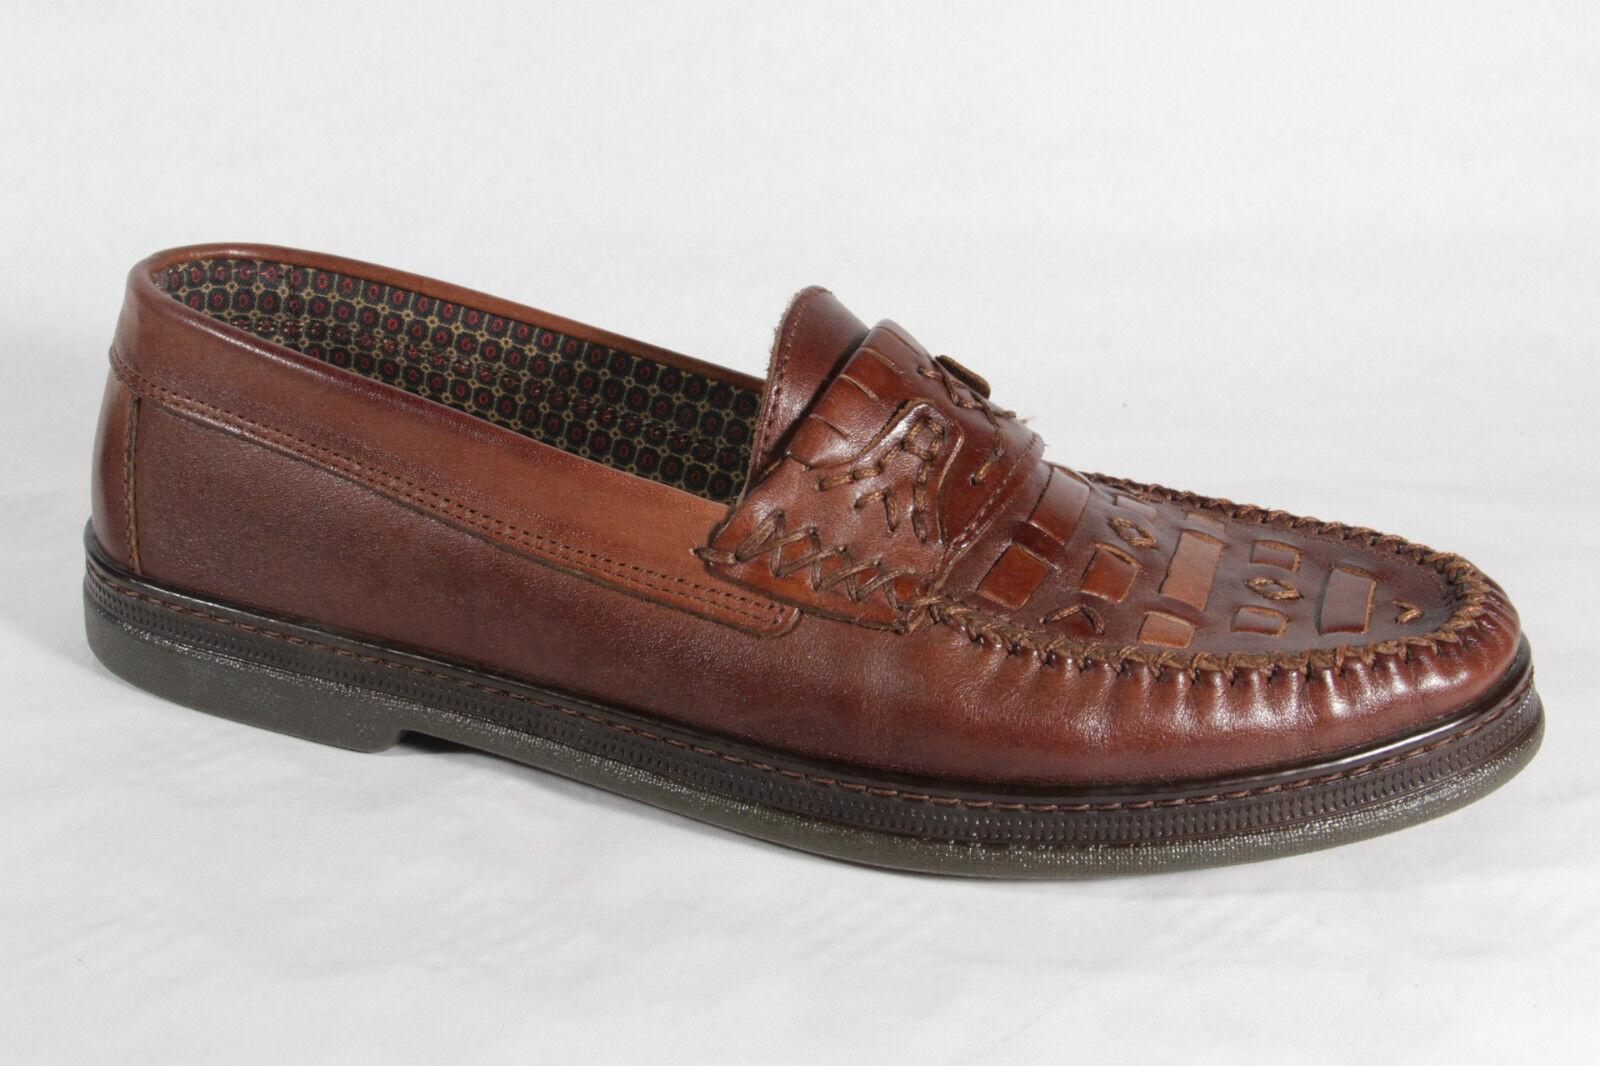 tonbelli Zapatillas de bajo hombre, zapato bajo de MARRÓN, NUEVO f35e6d